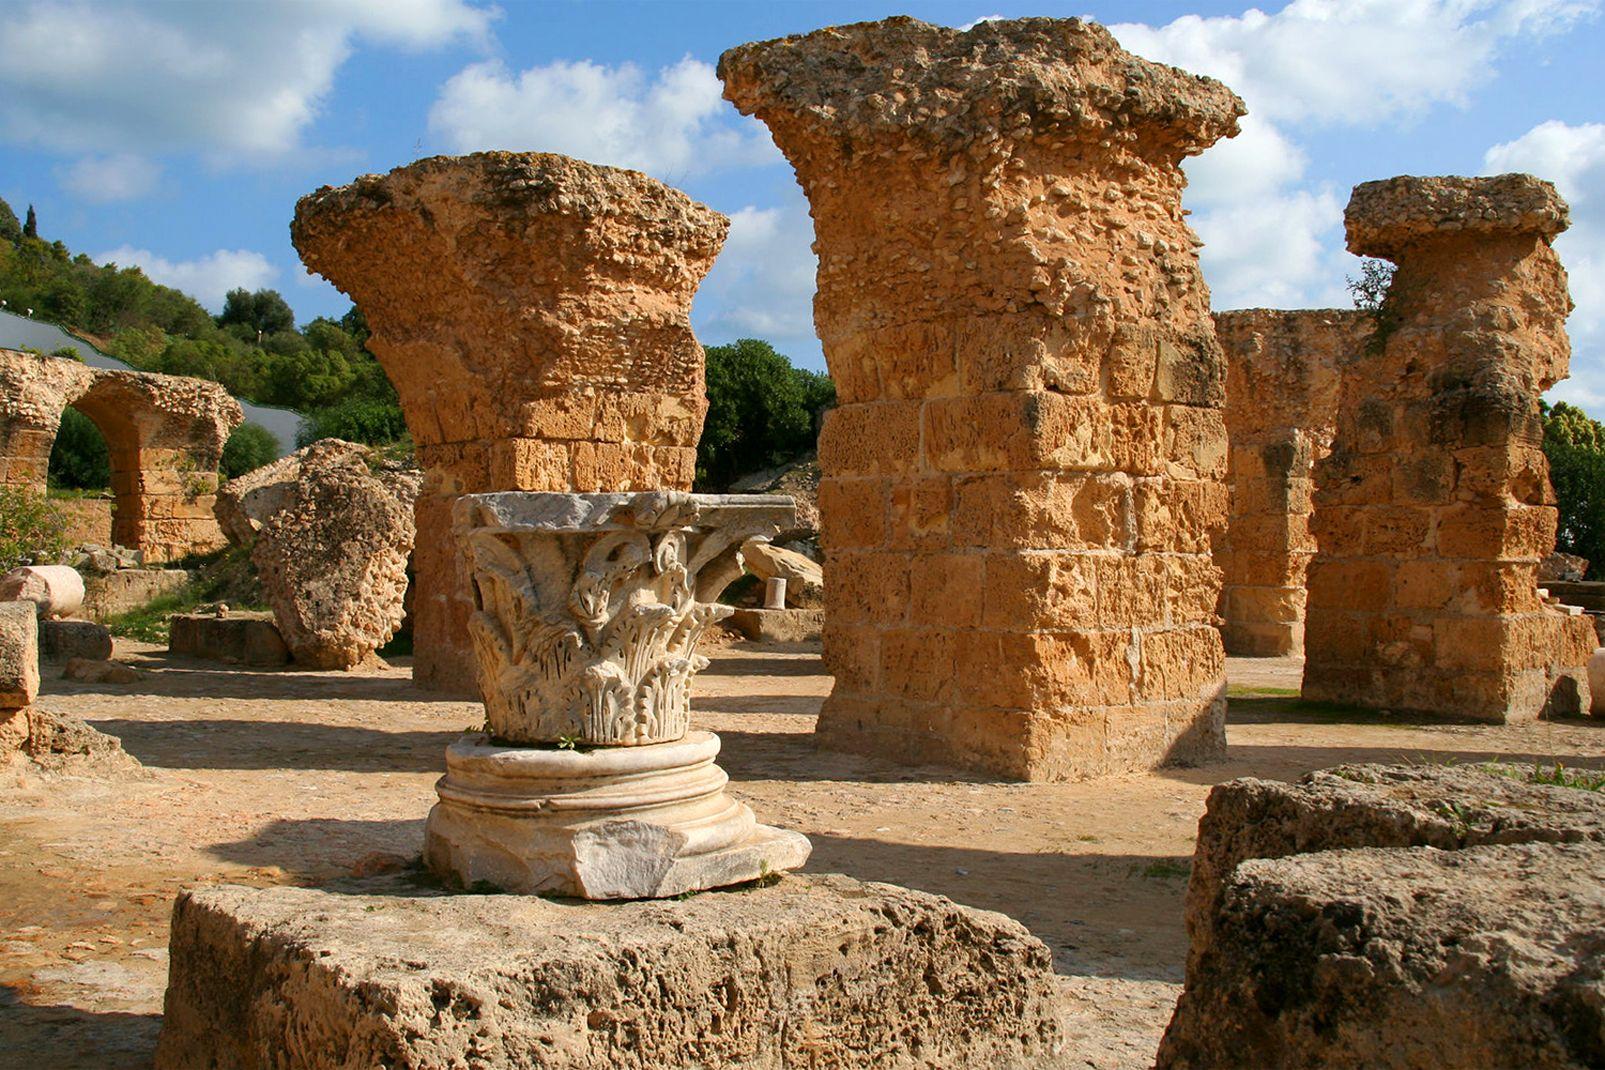 Tunisie, afrique, carthage, romain, ruine